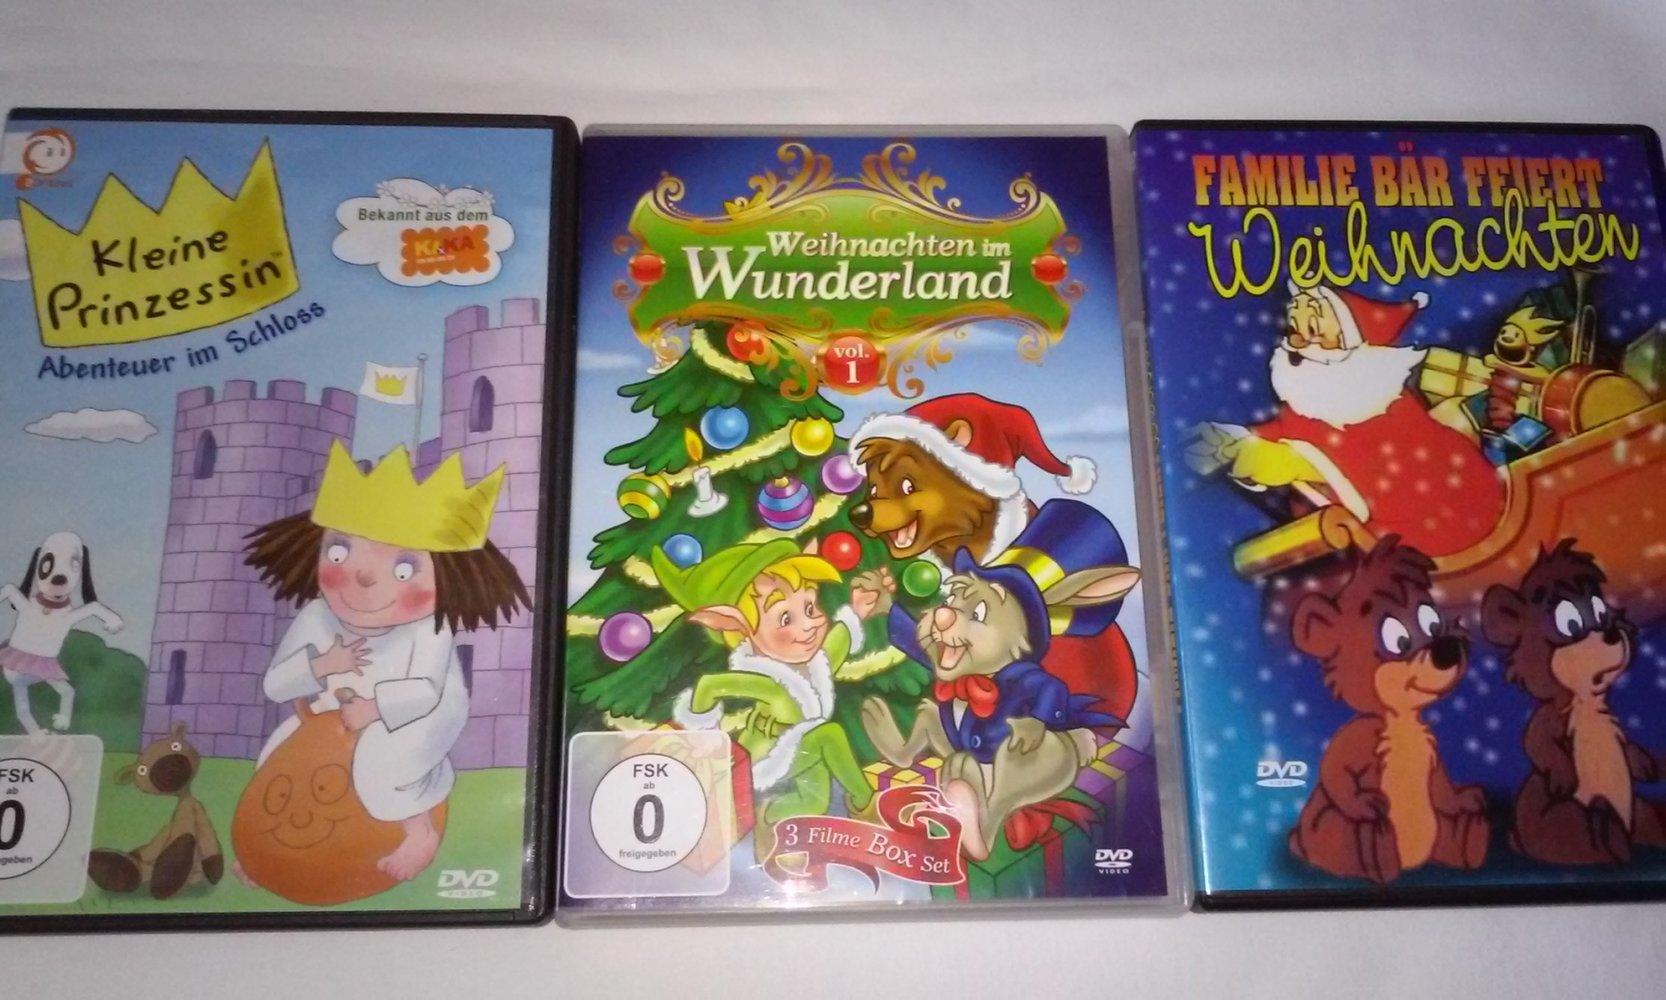 DVD Weihnachten im Wunderland, Familie Bär feiert Weihnachten ...